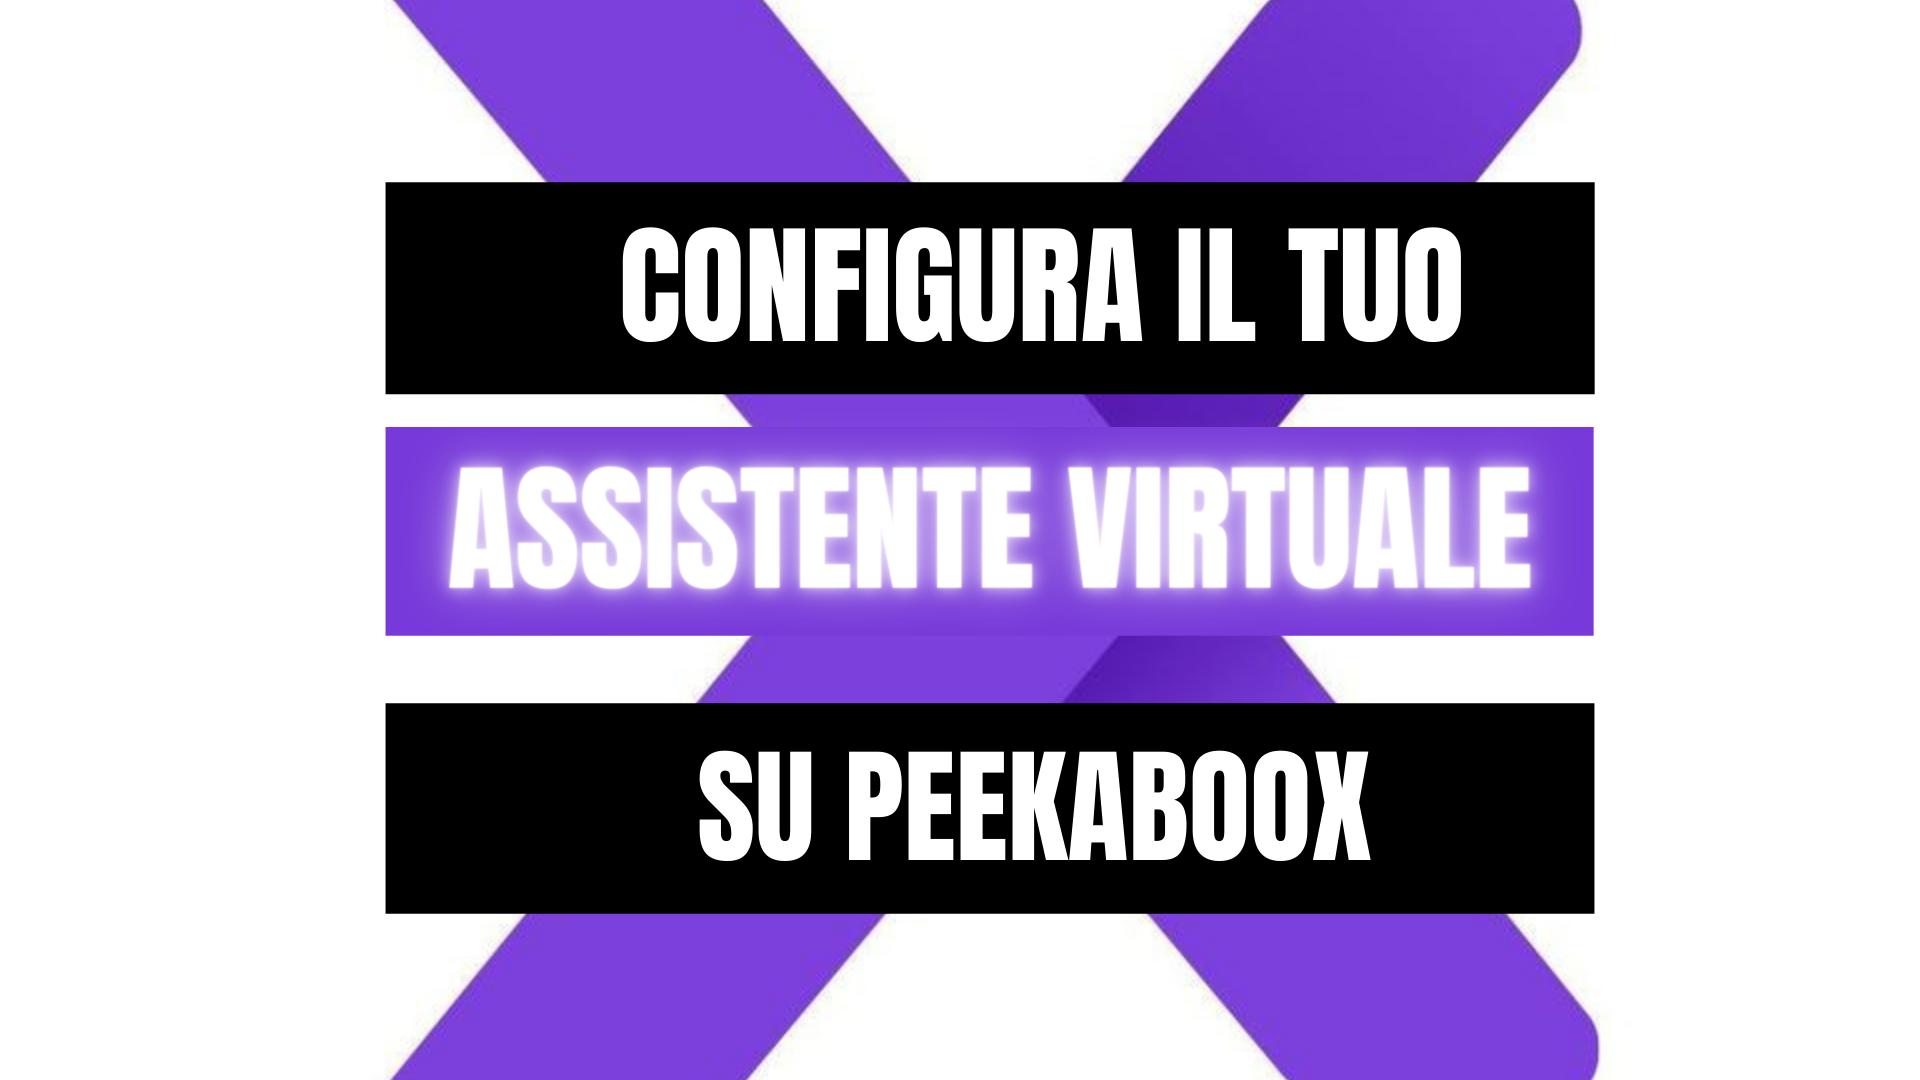 Peekaboox - Acquista e configura il pacchetto Assistente Virtuale